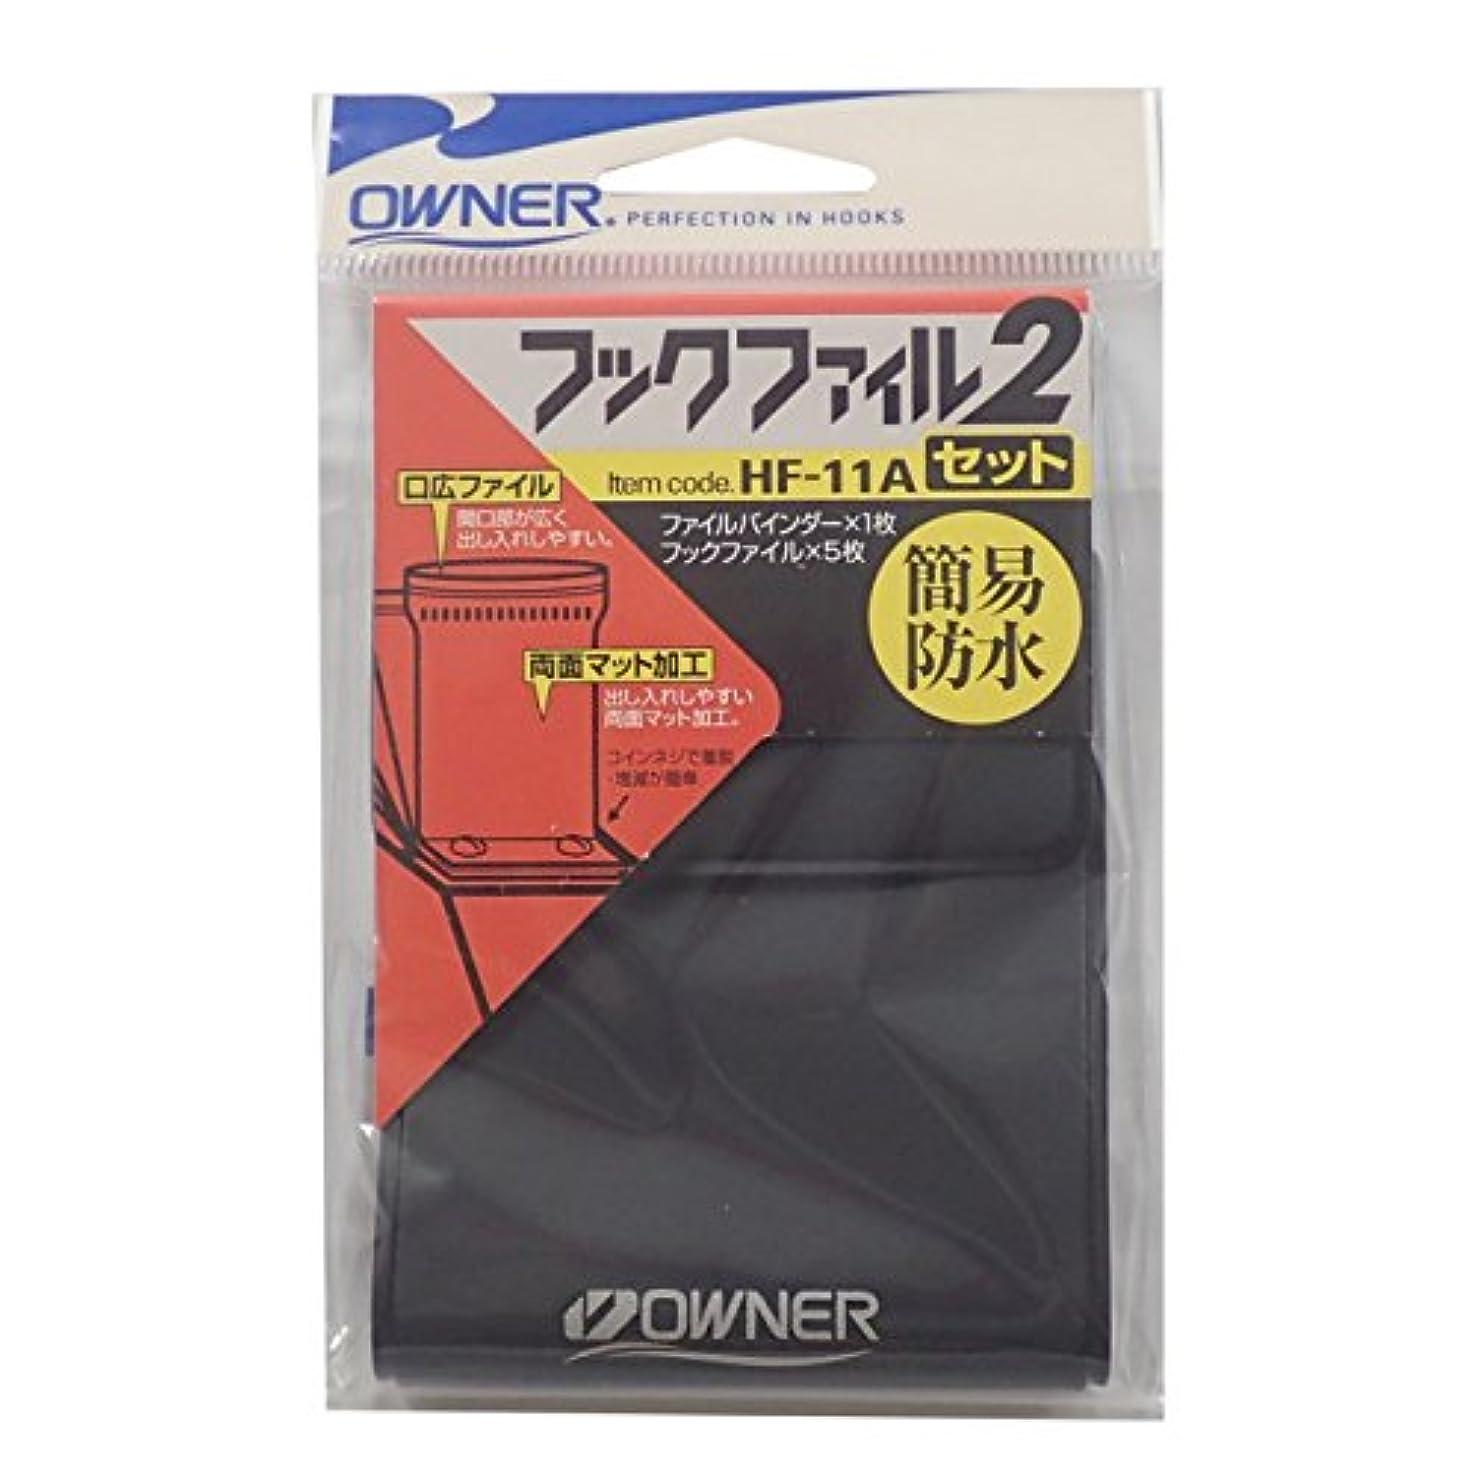 スラッシュと遊ぶ電信OWNER(オーナー) フックケース HF-11 フックファイル2 セット11